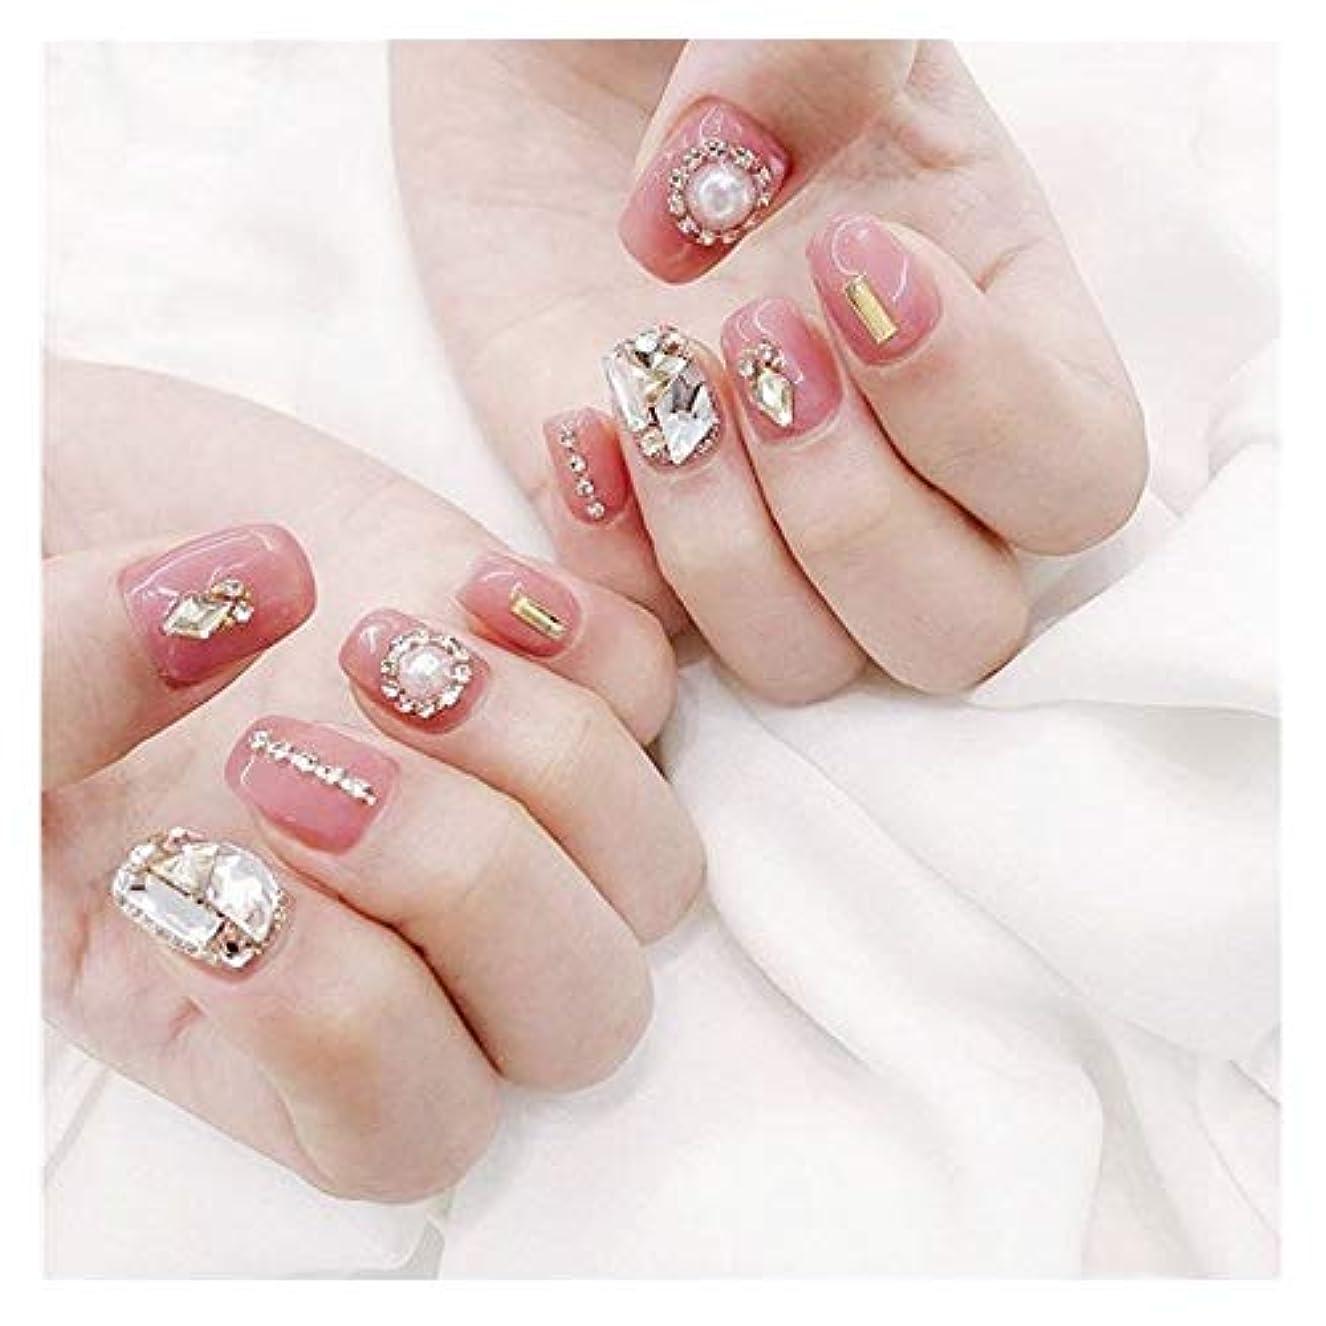 ピンボートトリムBOBIDYEE ダイヤモンドのり偽の爪ピンクのかわいい花嫁フォトスタジオ完成ネイル偽の釘 (色 : 24 pieces)